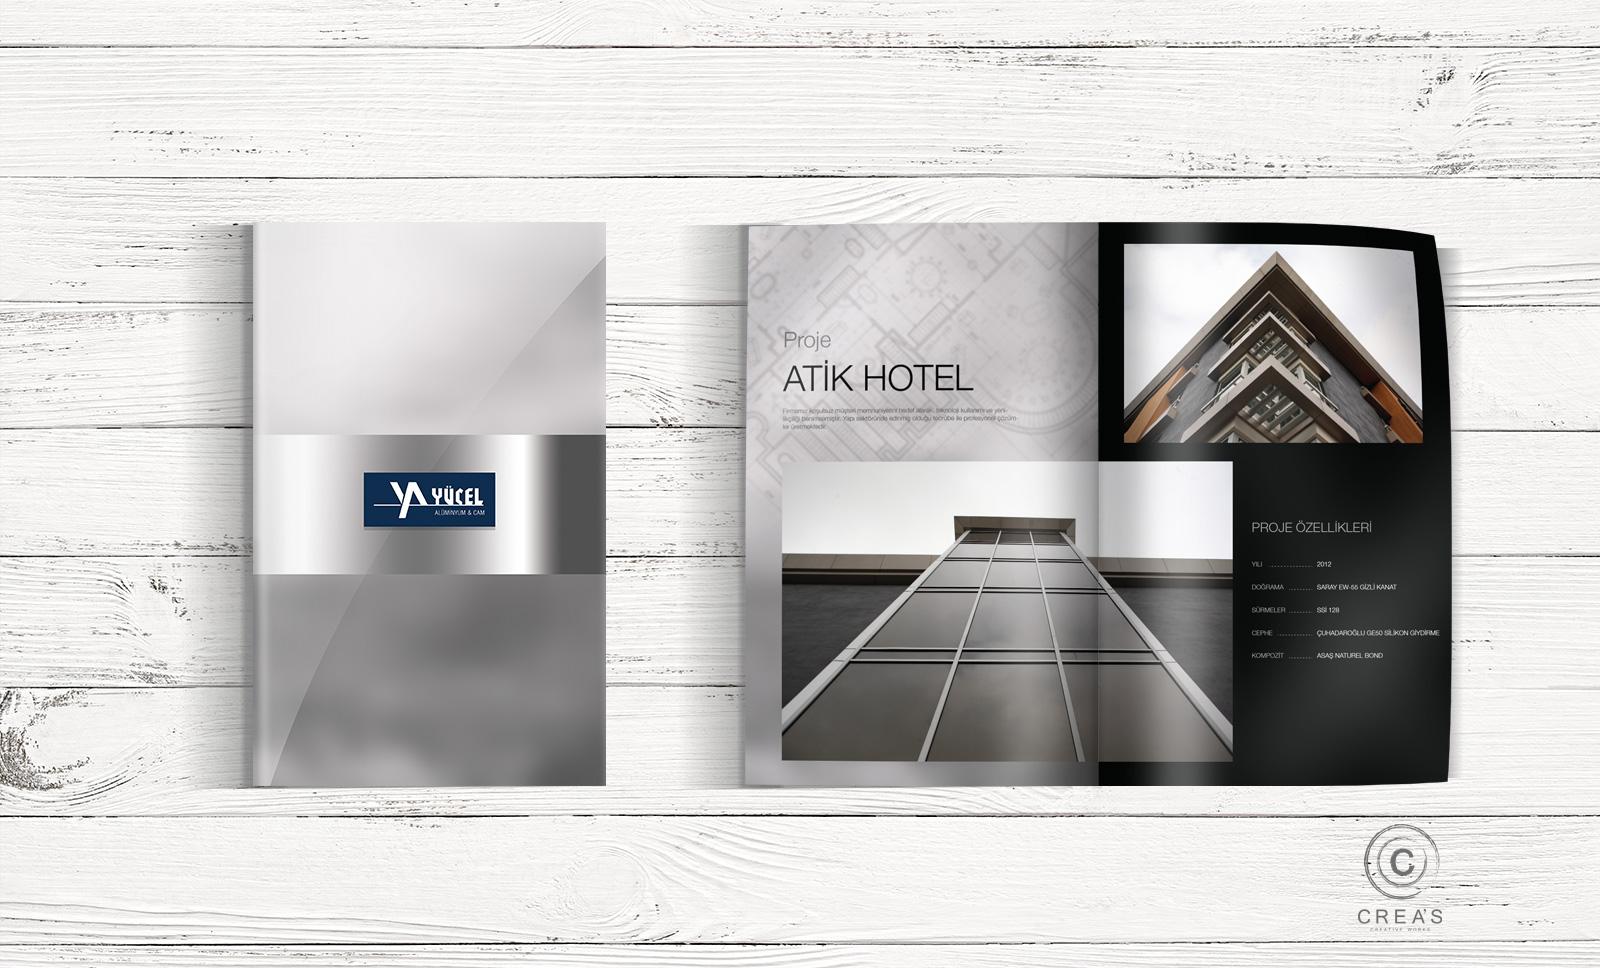 Creas Creative Tasarım ve Reklam Ajansı İzmir - Yücel Alüminyum Katalog Tasarımı